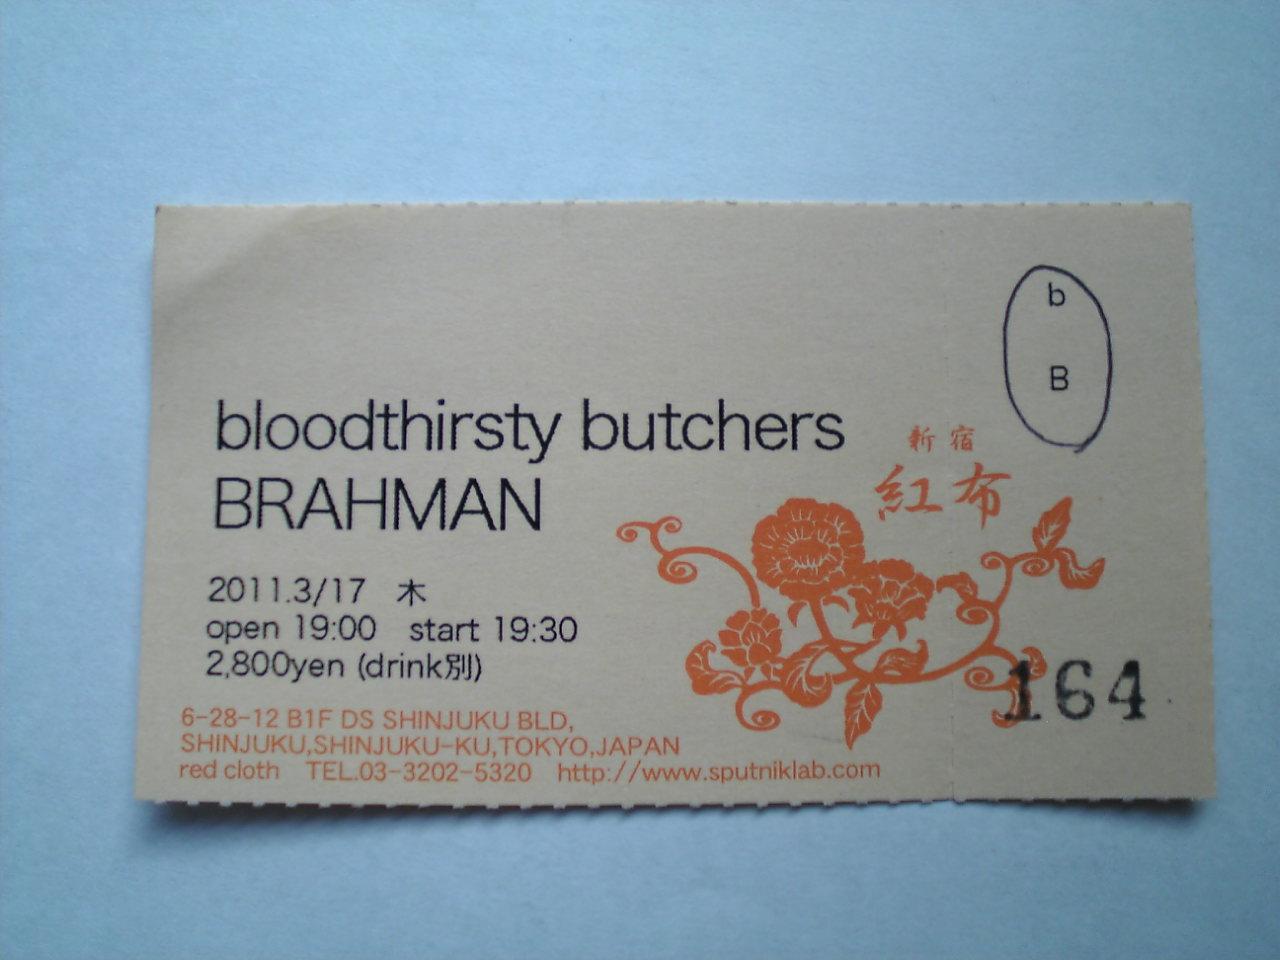 bloodthirsty butchers vs BRAHMAN 延期祈願_d0135882_5163525.jpg